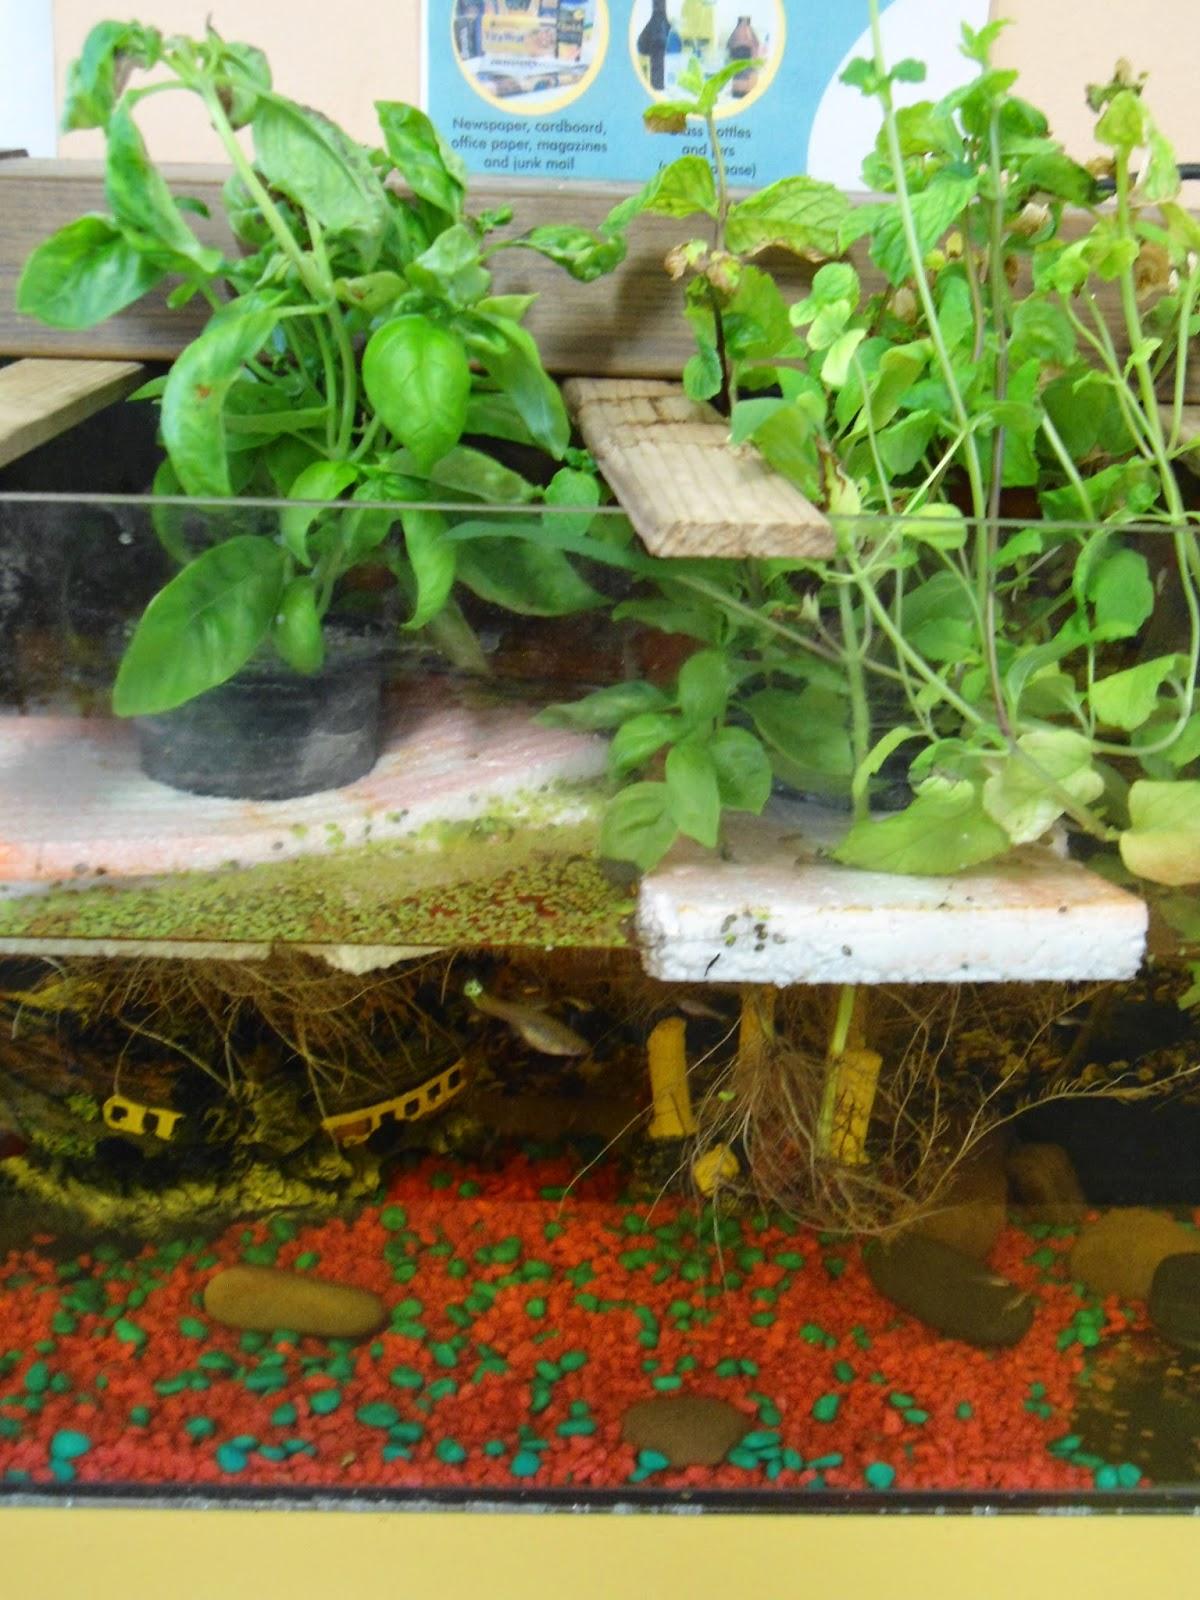 Classroom aquaponics